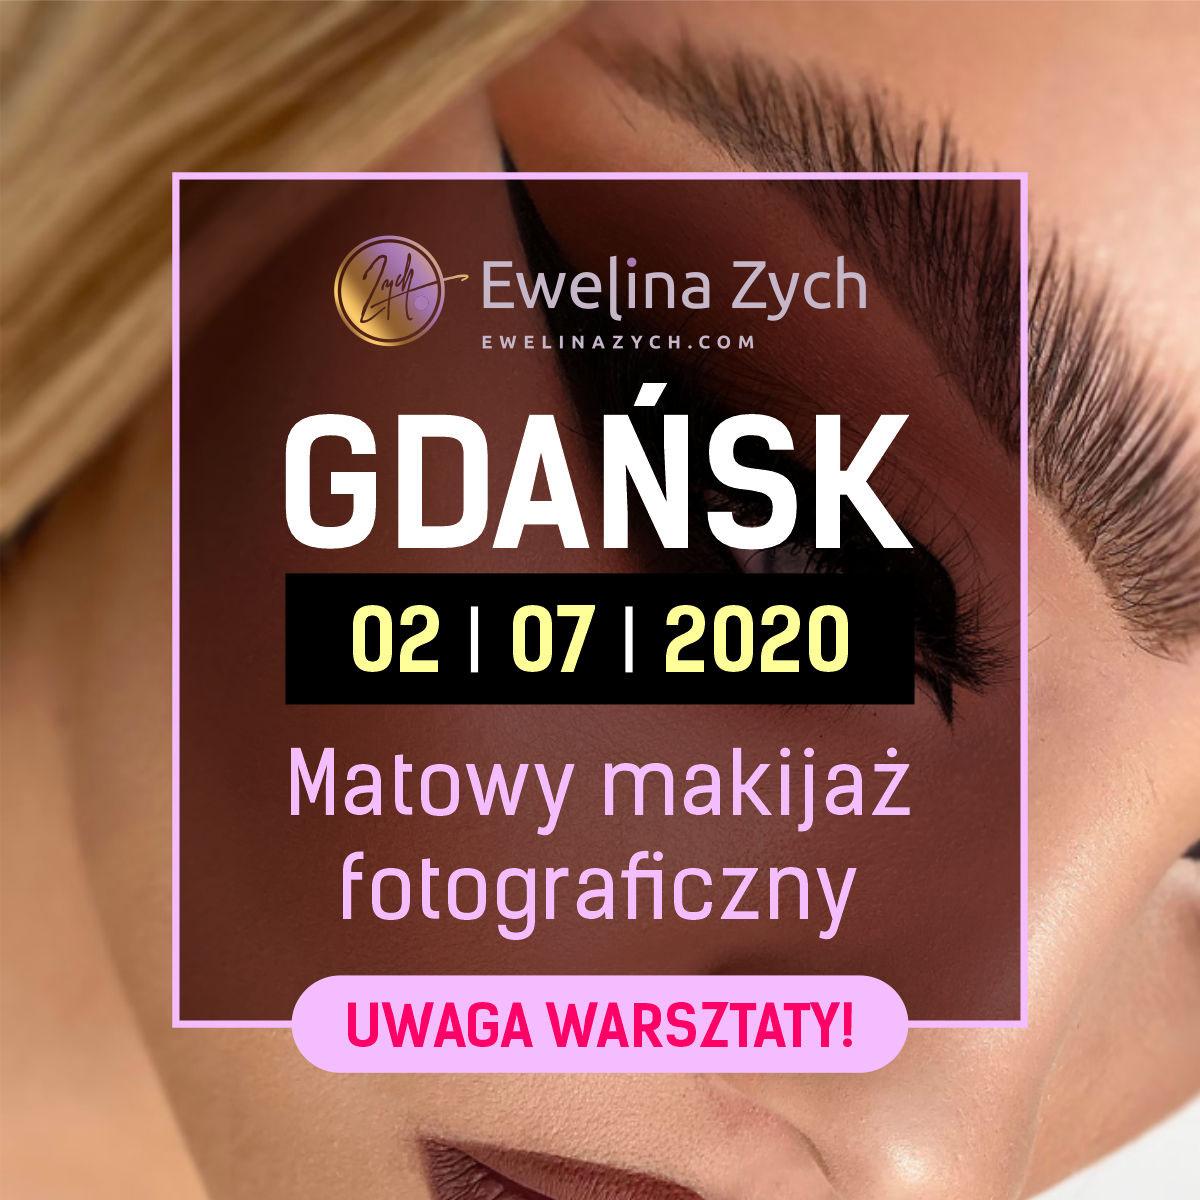 WARSZTATY GDAŃSK – Matowy makijaż fotograficzny i elementy fotografii dla wizażystów (POKAZ+PRAKTYKA).